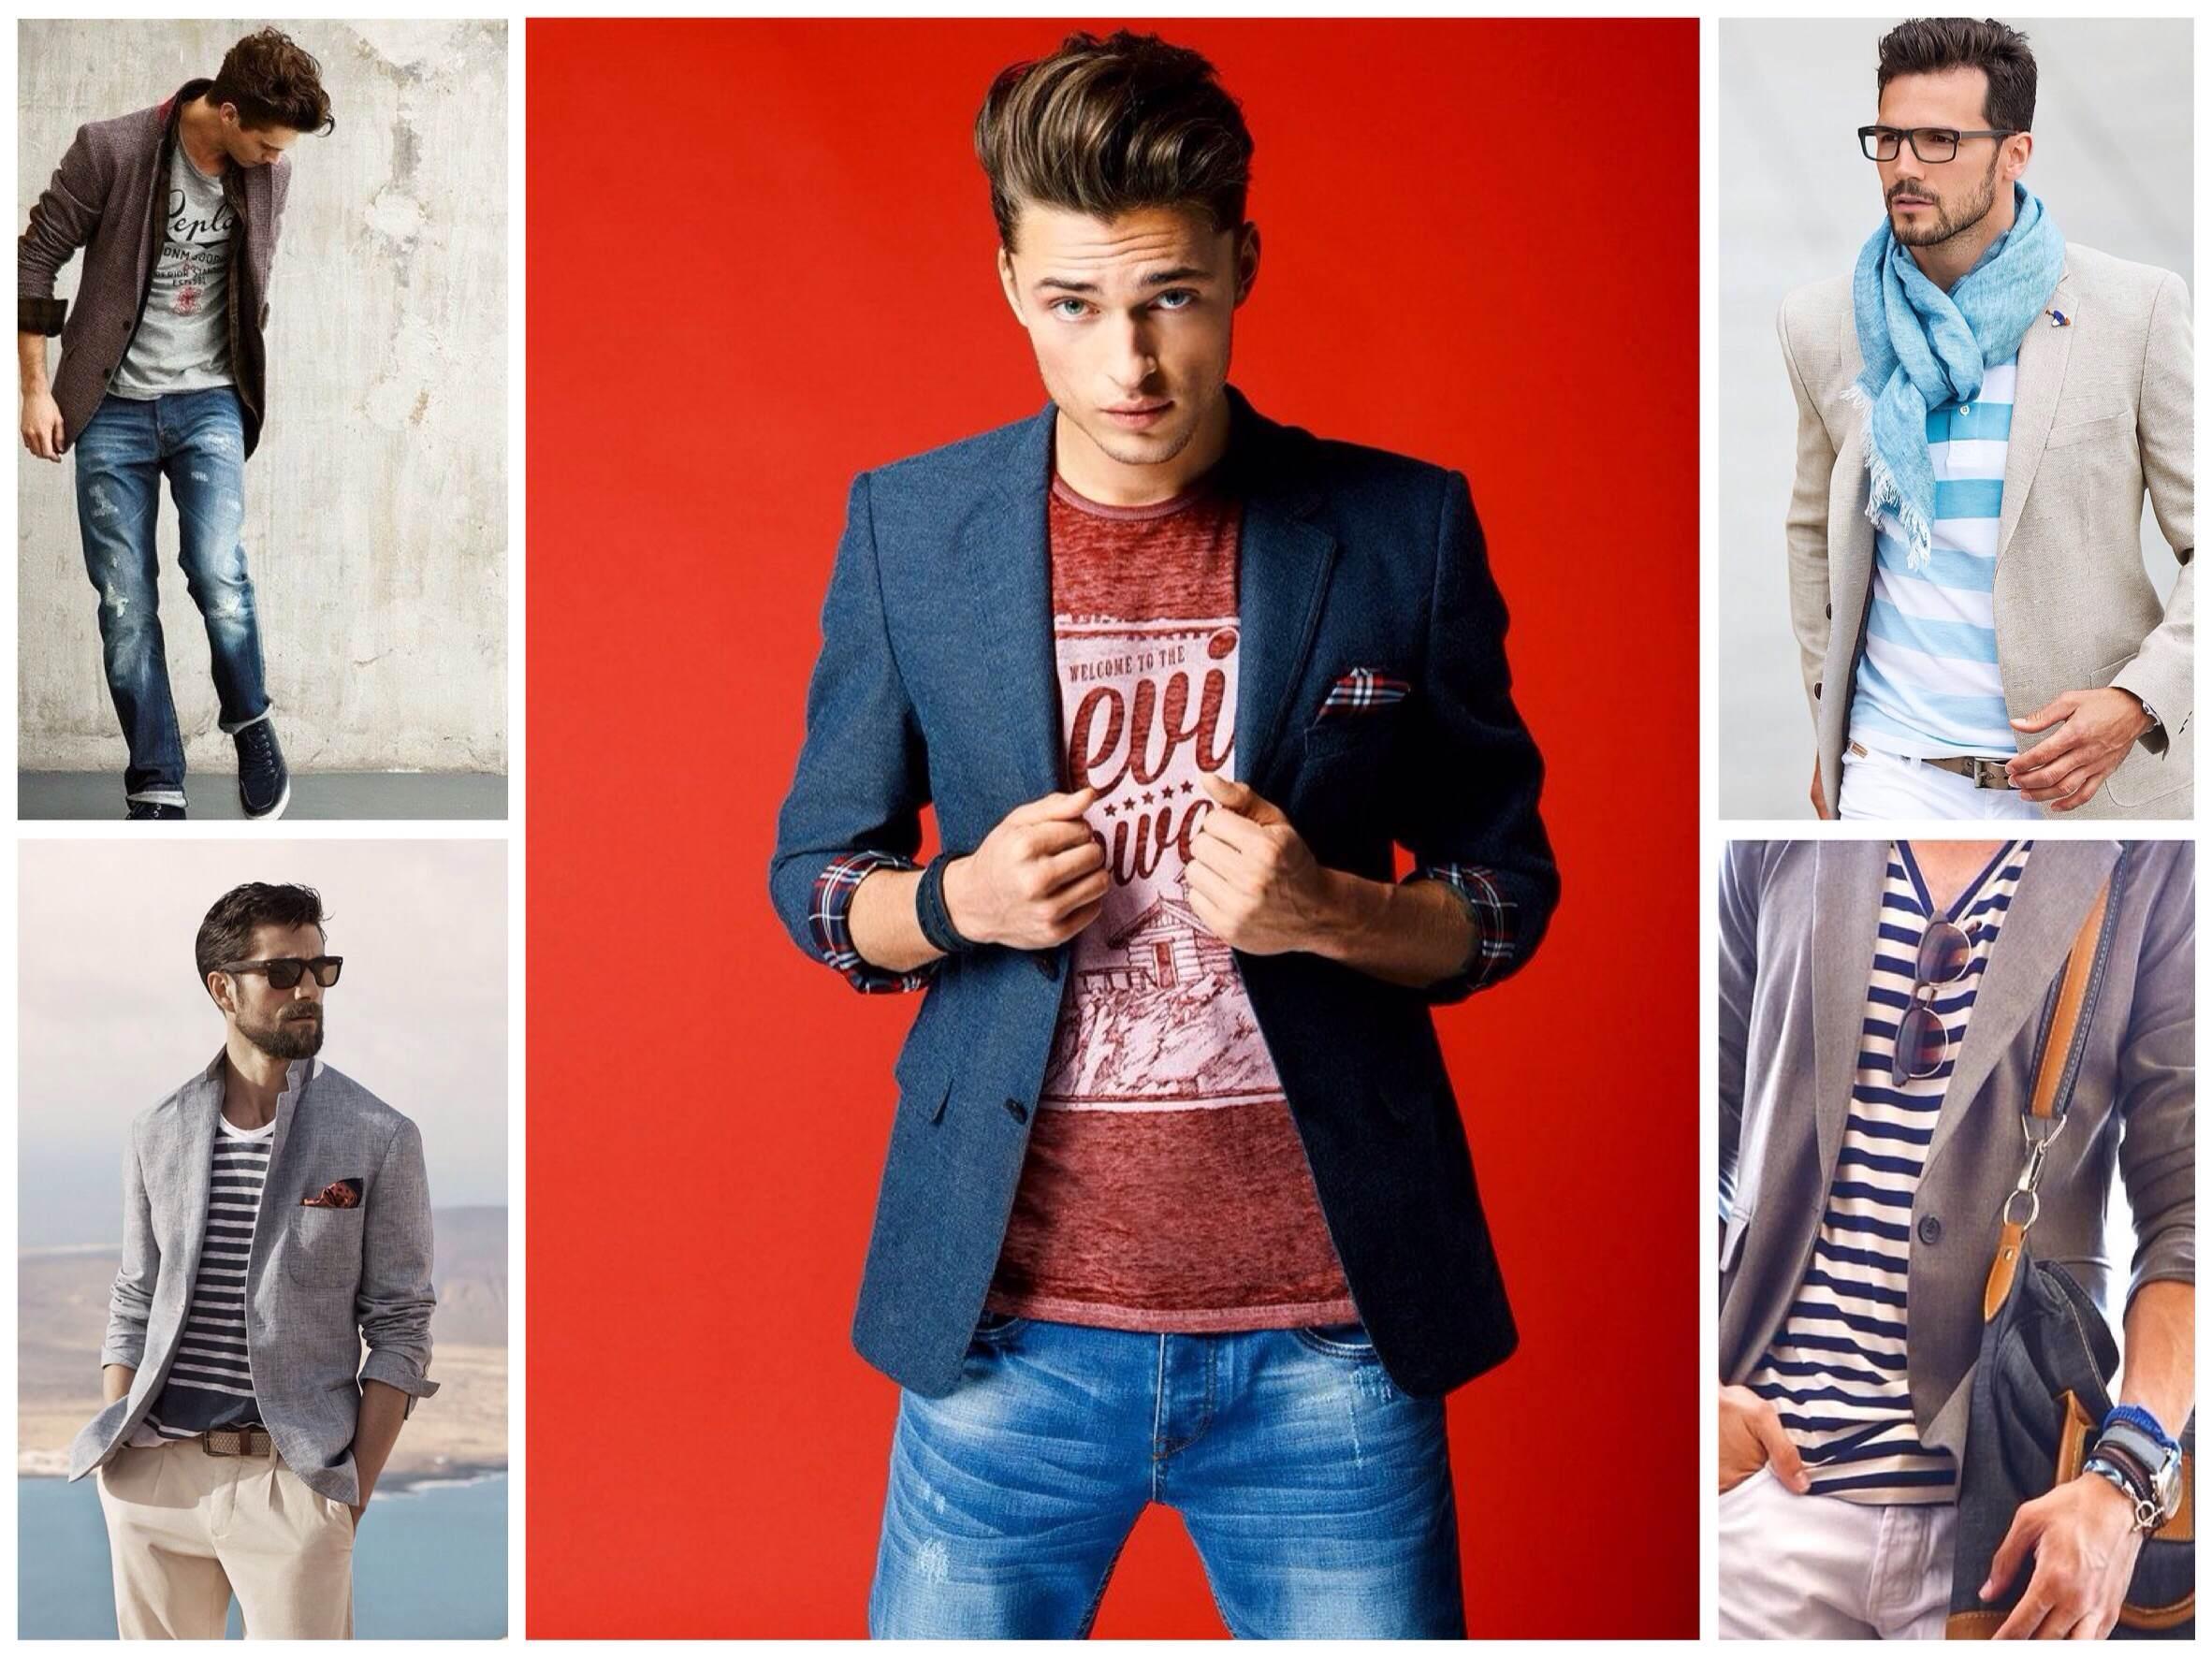 С чем носить пиджак? 161 фото, советы - photo#30